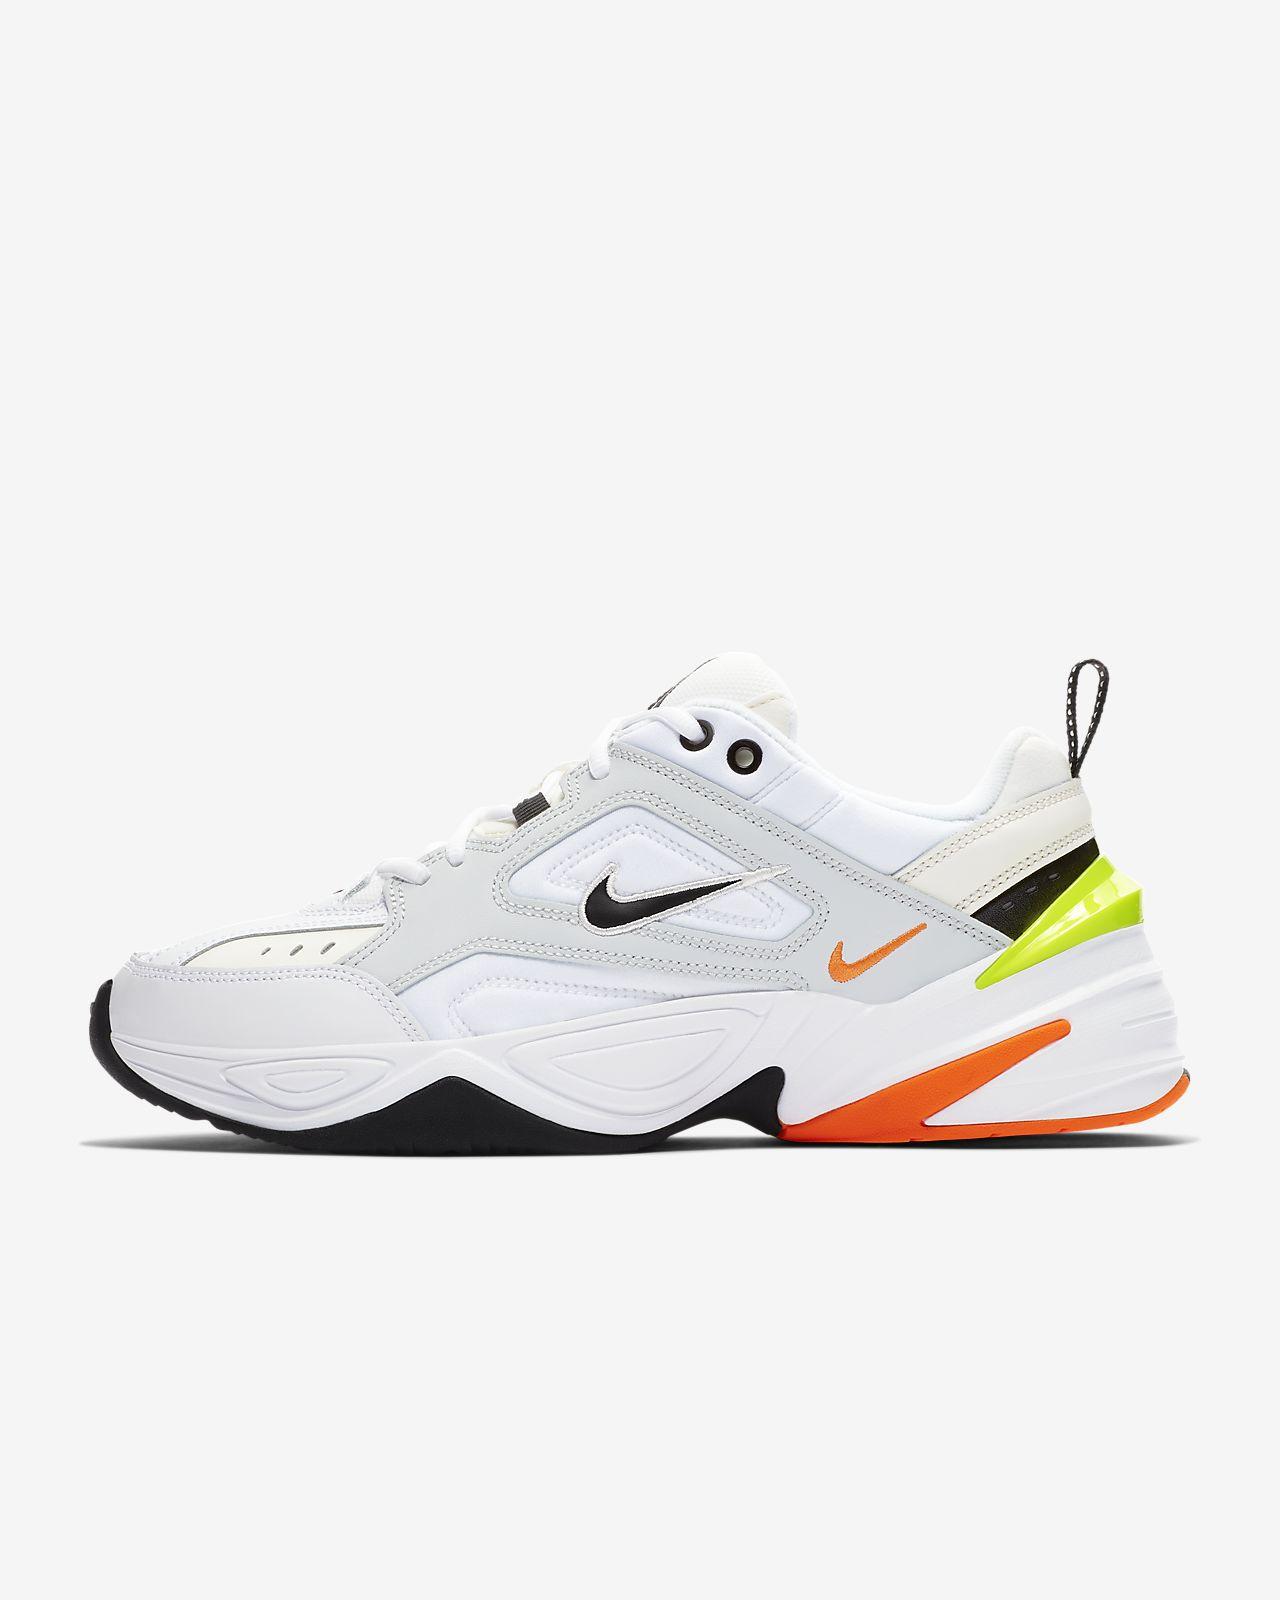 release date e4d48 615c0 ... Nike M2K Tekno Men s Shoe